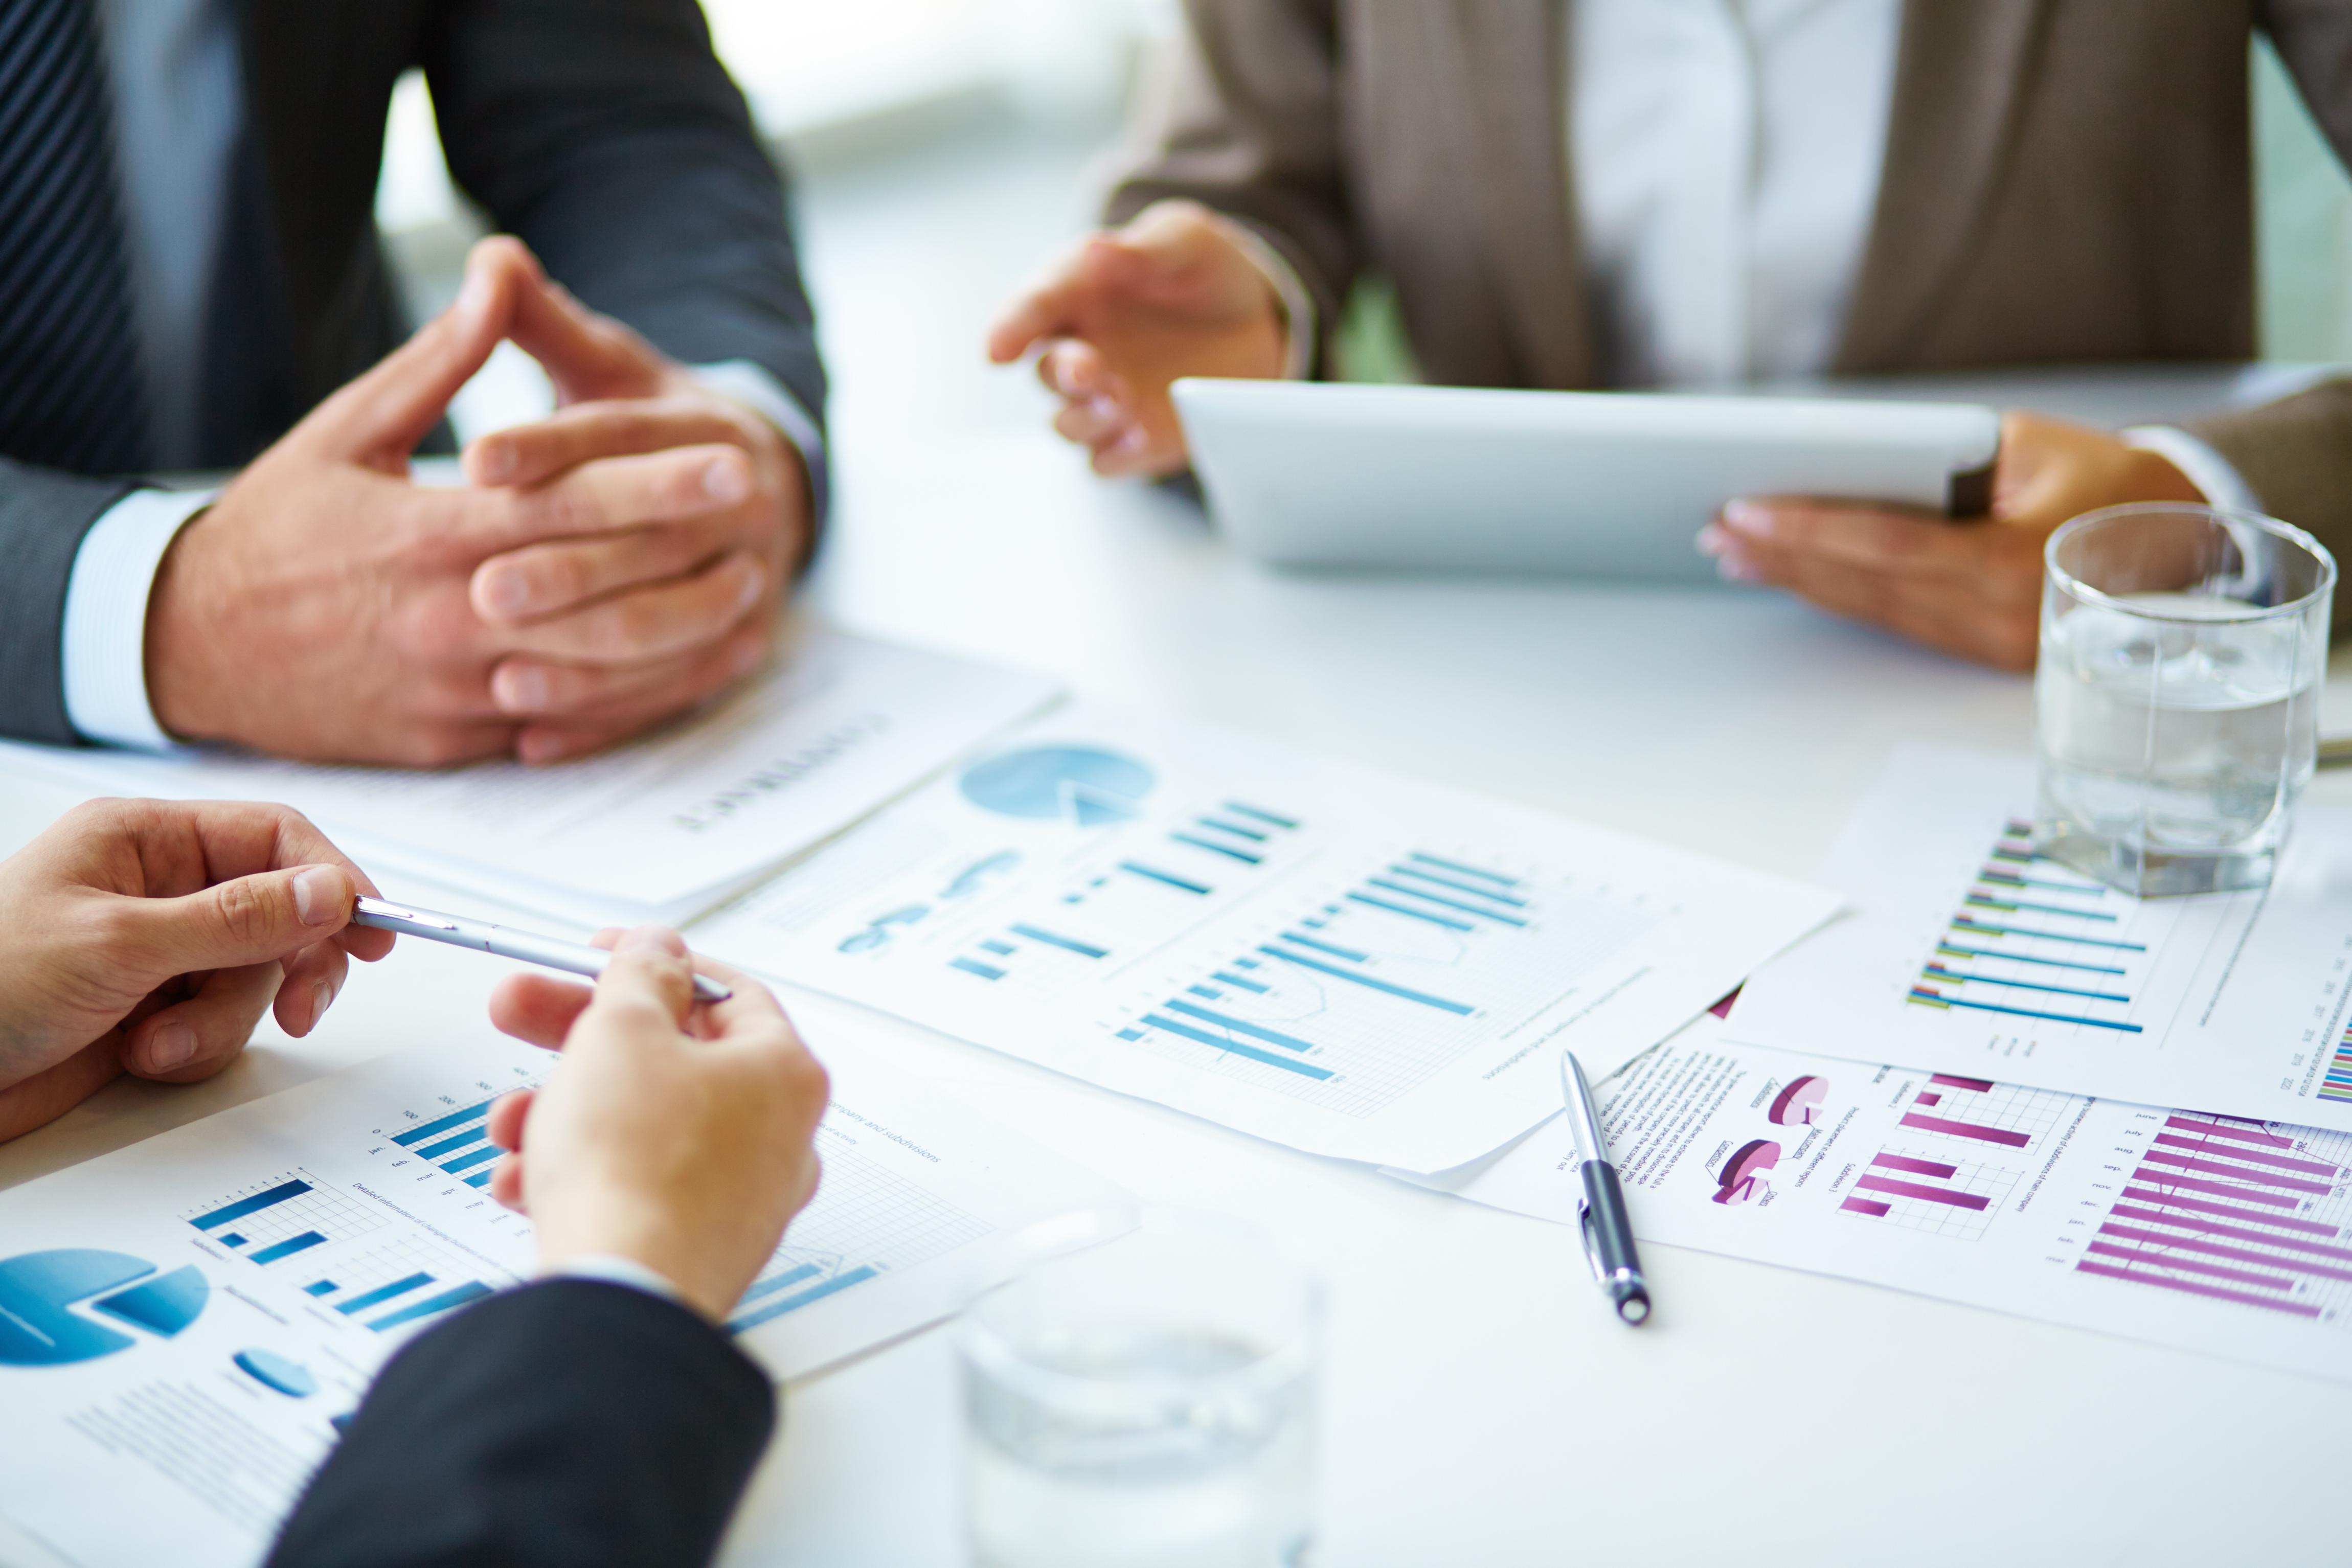 Inciter à l'action et sensibiliser aux risques financiers grâce à l'EPM